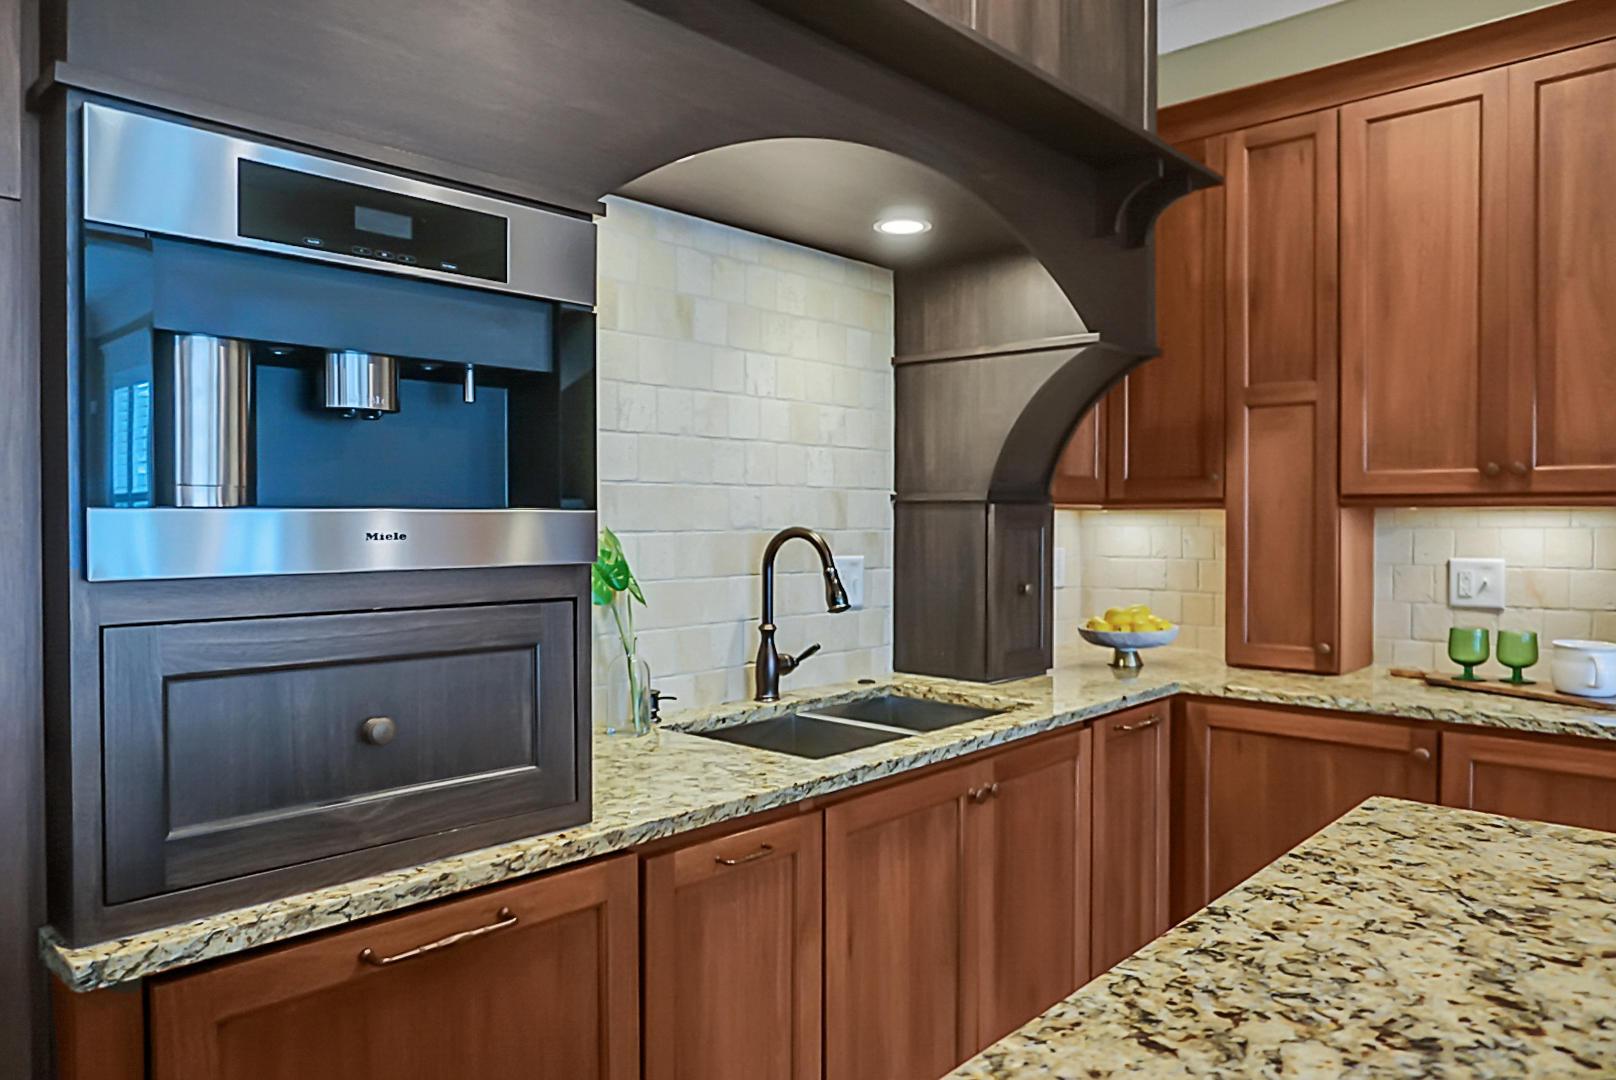 Dunes West Homes For Sale - 2978 River Vista, Mount Pleasant, SC - 69